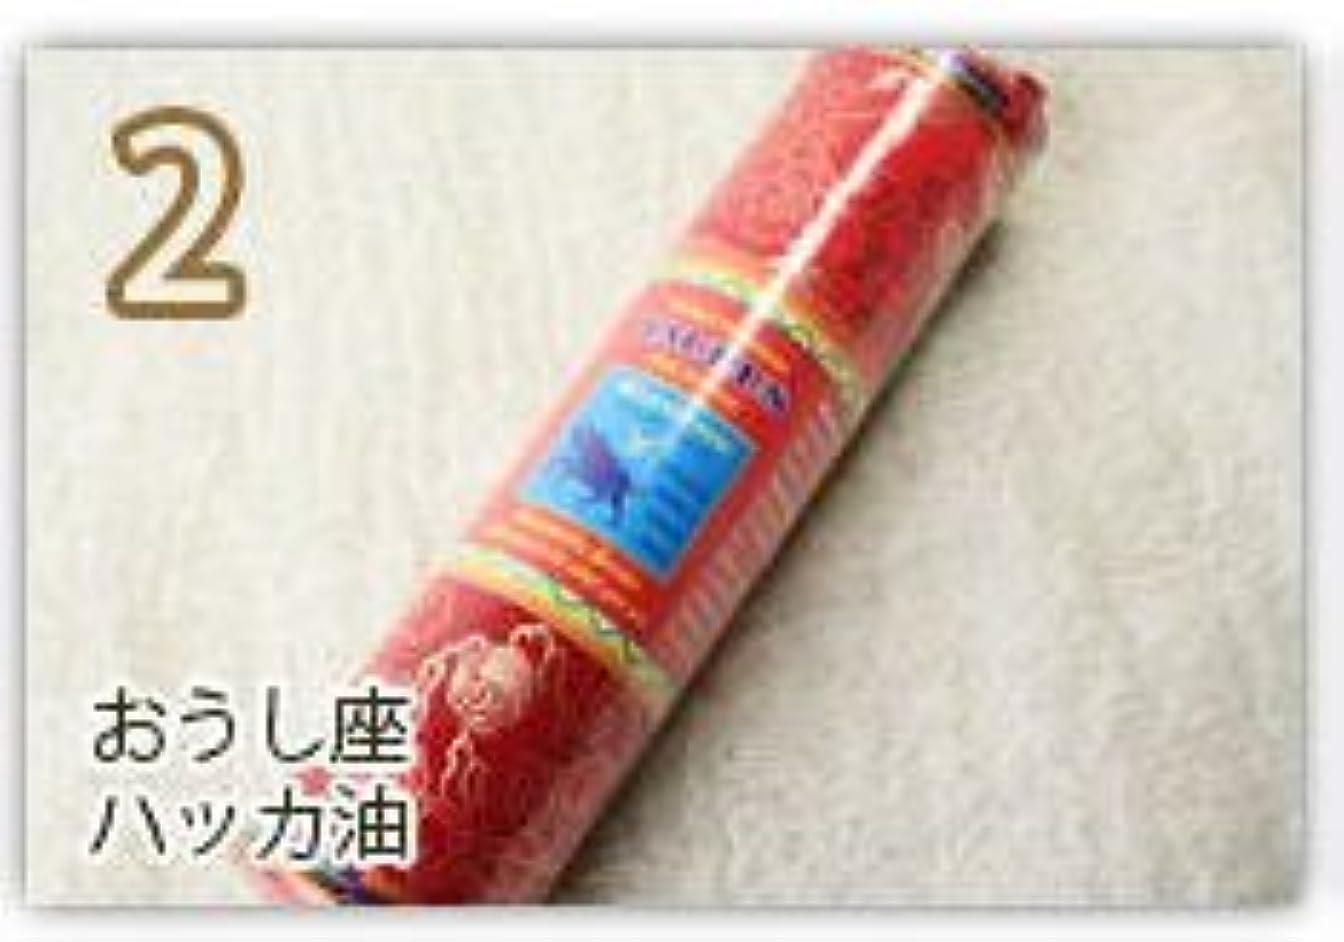 エイズトリプル教える12星座別に香りを配合したネパール製お香 ホロスコープインセンス (2.Taurus (おうし座))